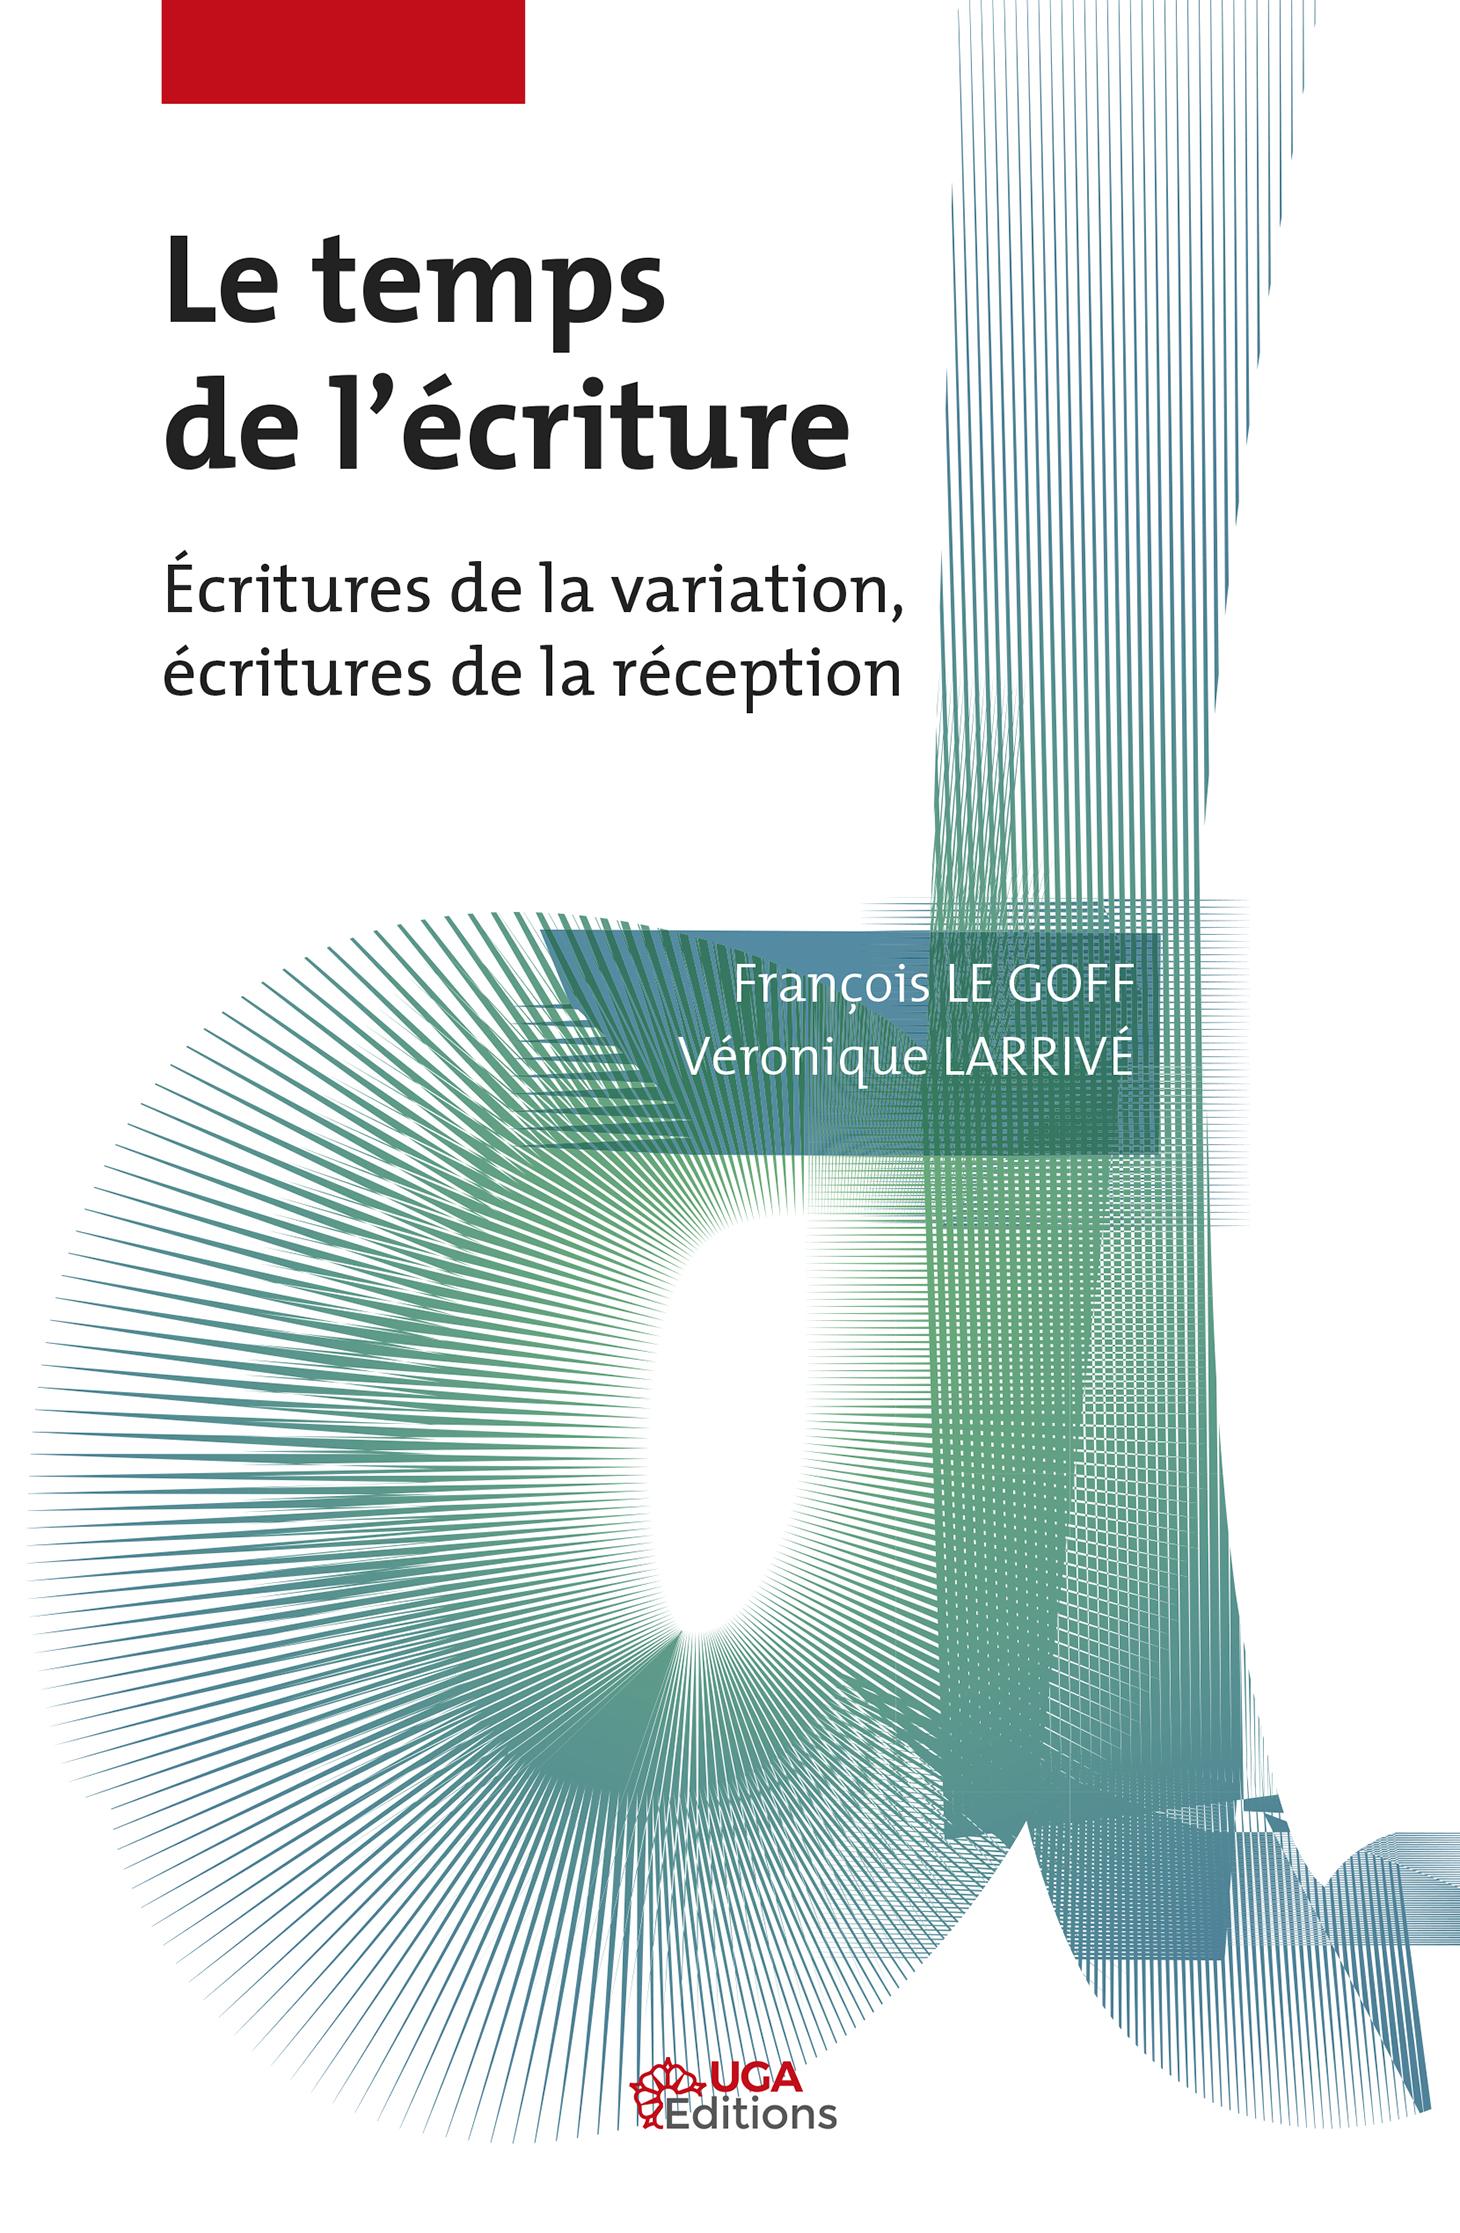 F. Le Goff, V. Larrivé, Le Temps de l'écriture. Écritures de la variation, écritures de la réception